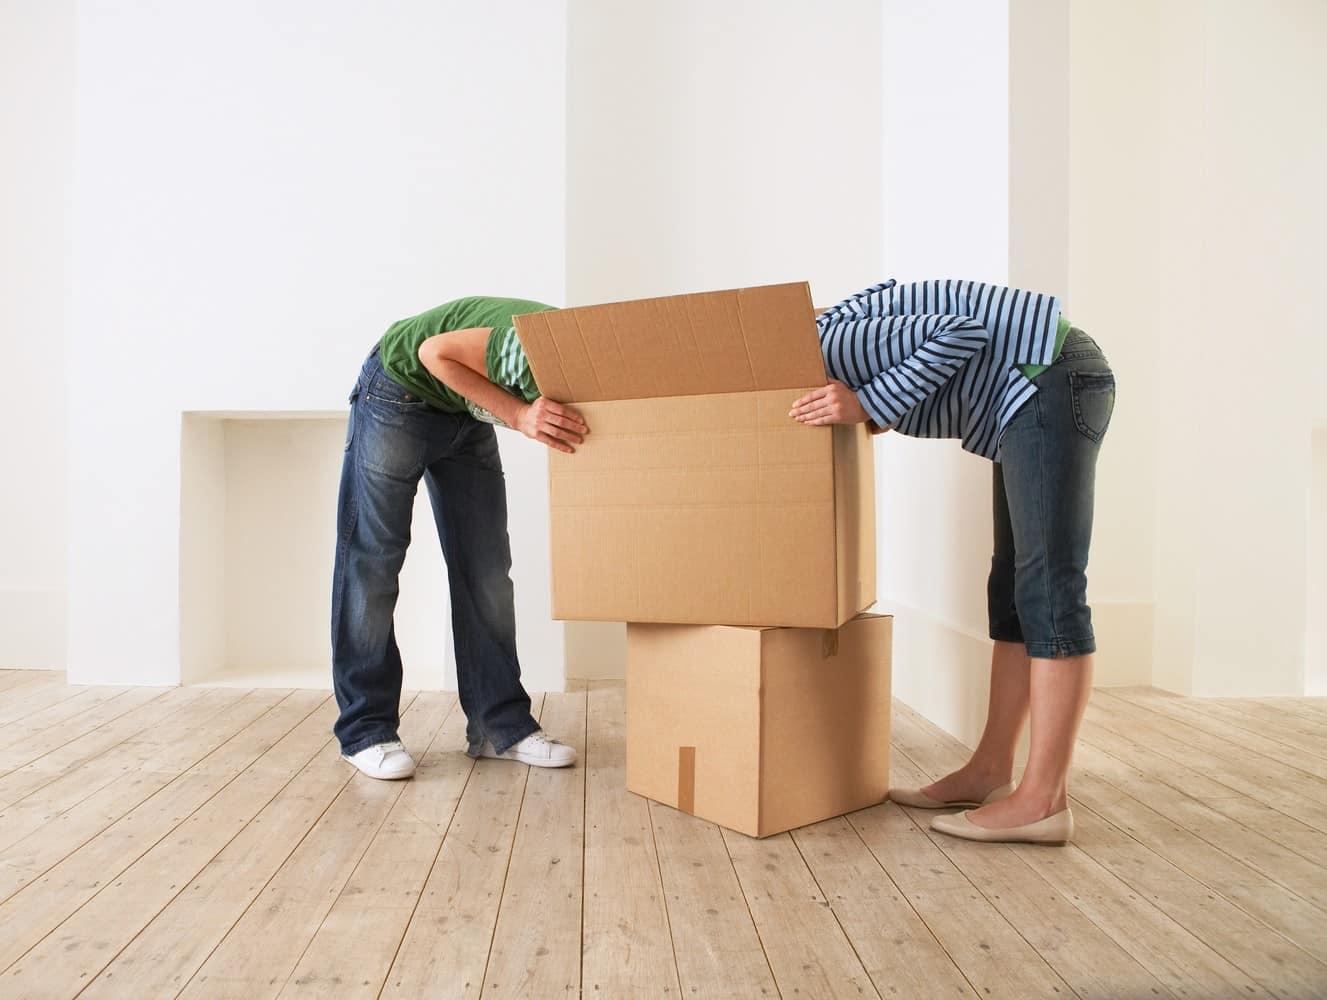 Quelles sont les aides pour s'installer dans un logement ?